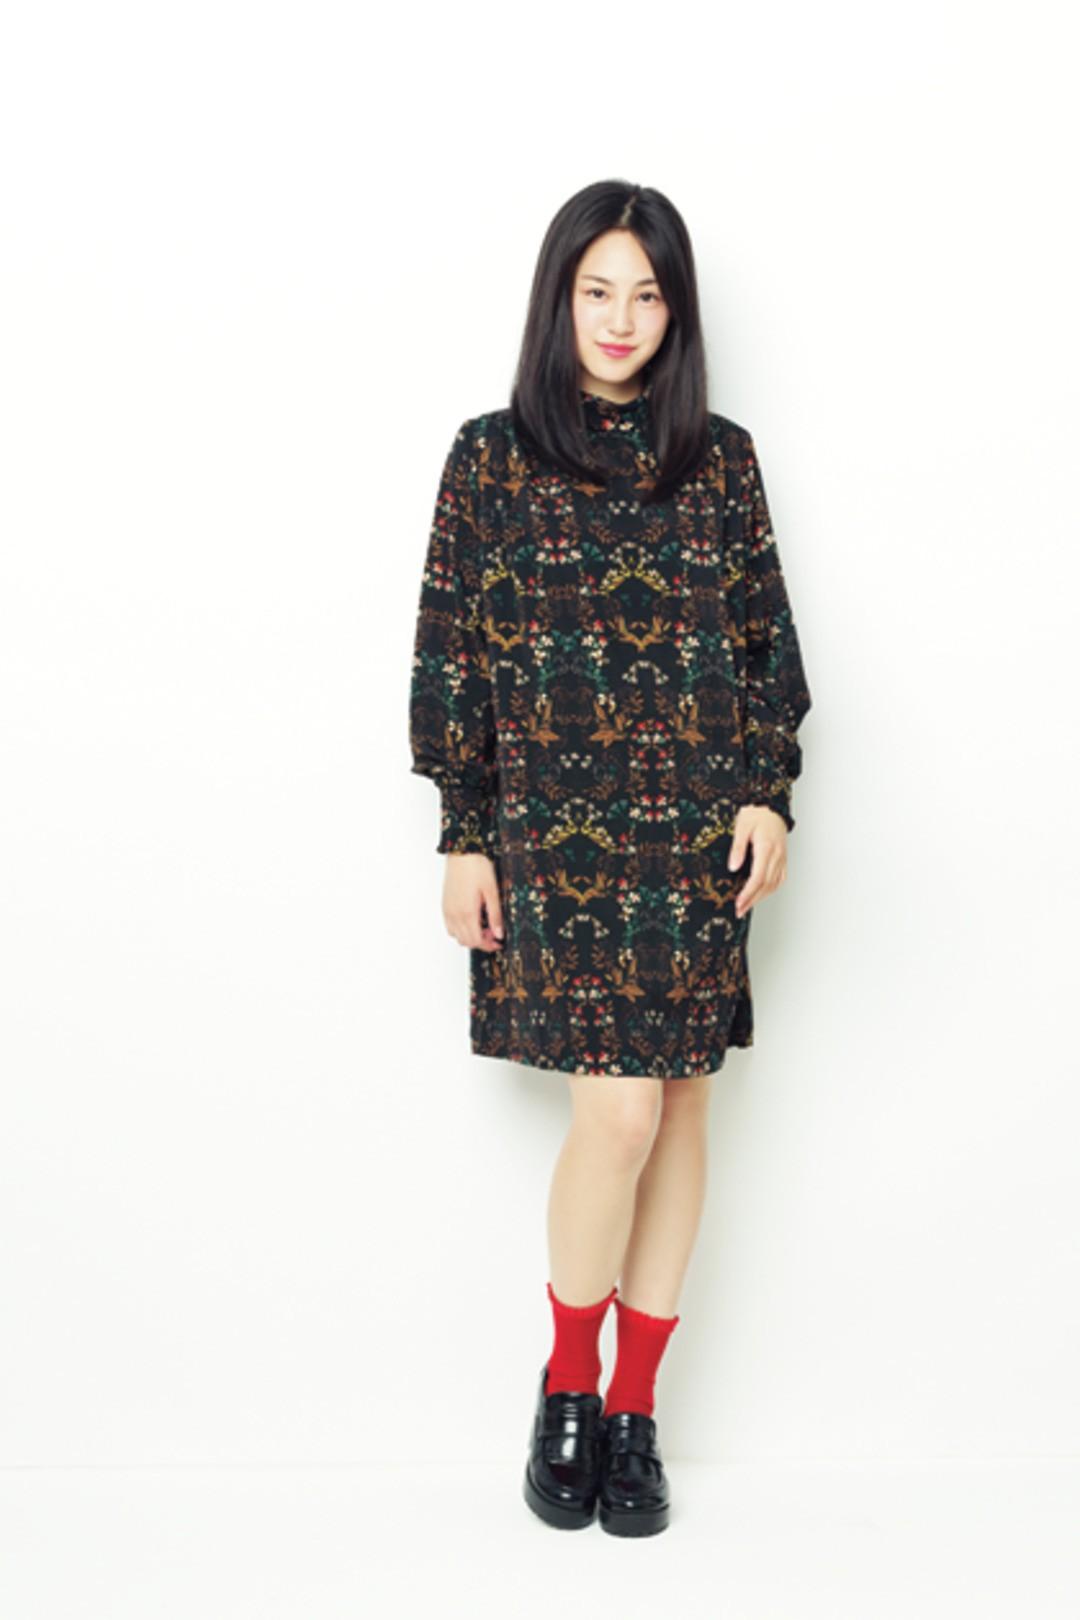 南乃彩希ちゃん「メリハリボディになりたい!!」